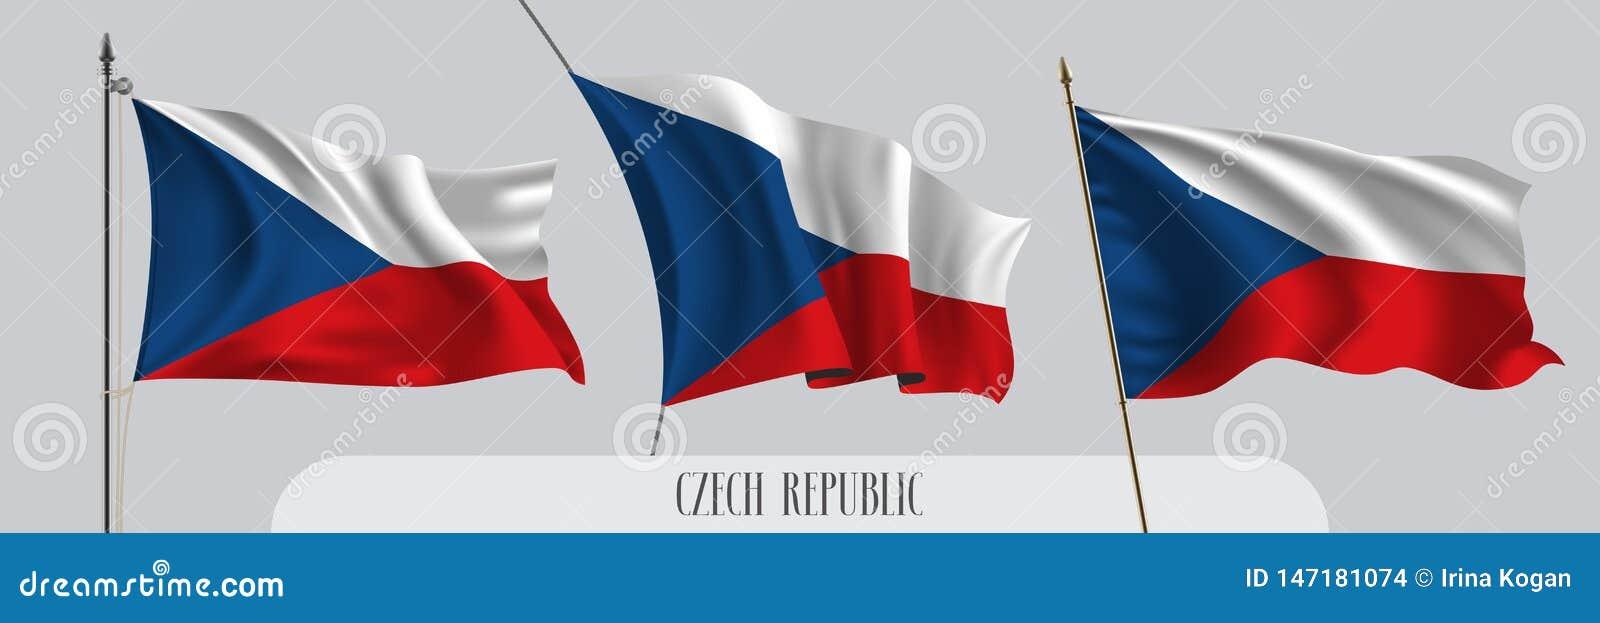 Placez du drapeau de ondulation de République Tchèque sur l illustration d isolement de vecteur de fond